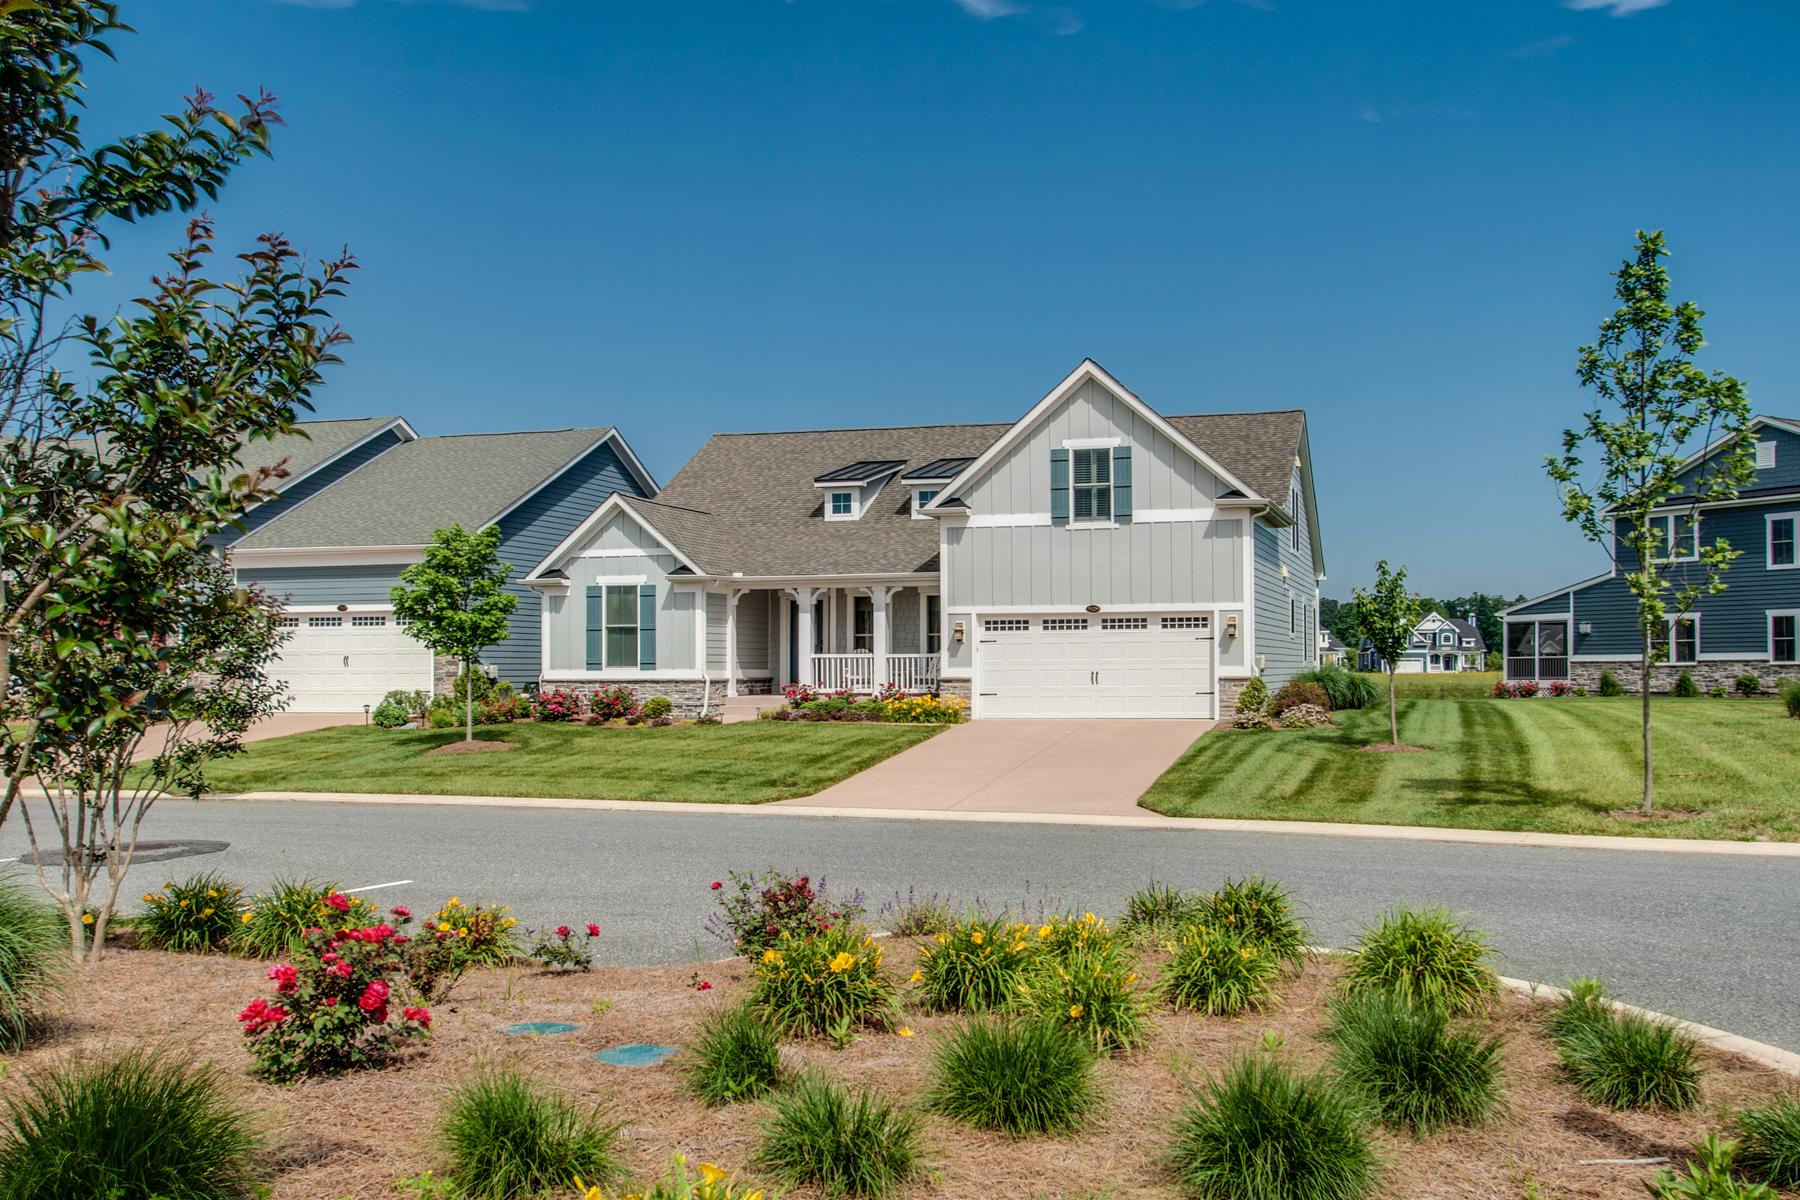 Casa Unifamiliar por un Venta en 33256 Wading Duck Drive , Millsboro, DE 19966 33256 Wading Duck Drive Millsboro, Delaware 19966 Estados Unidos